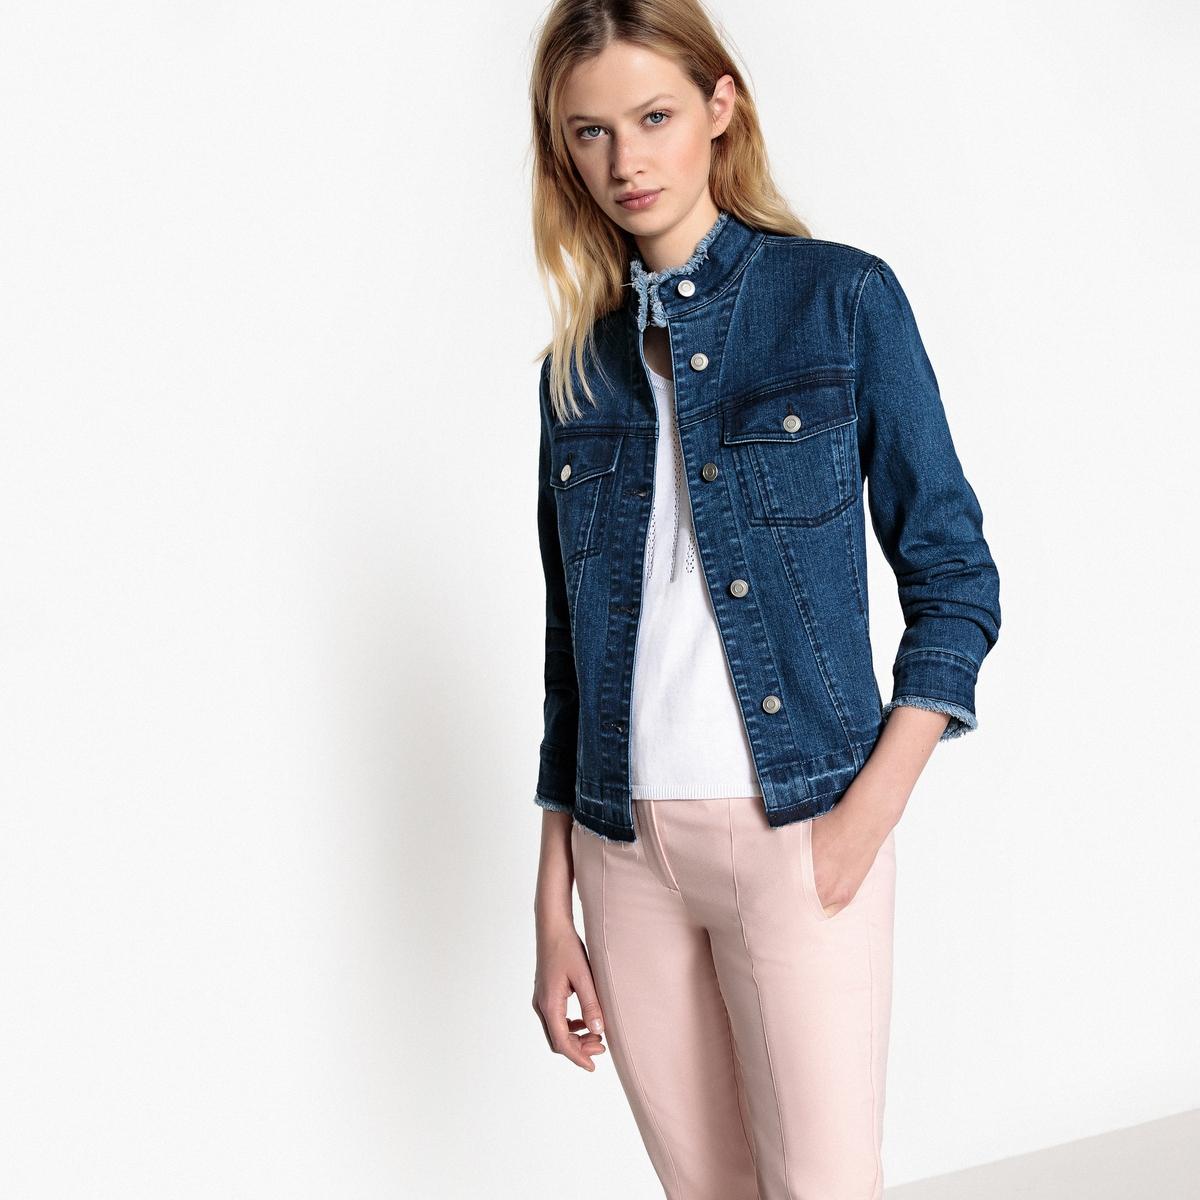 Жакет со стоячим воротником из джинсовой ткани